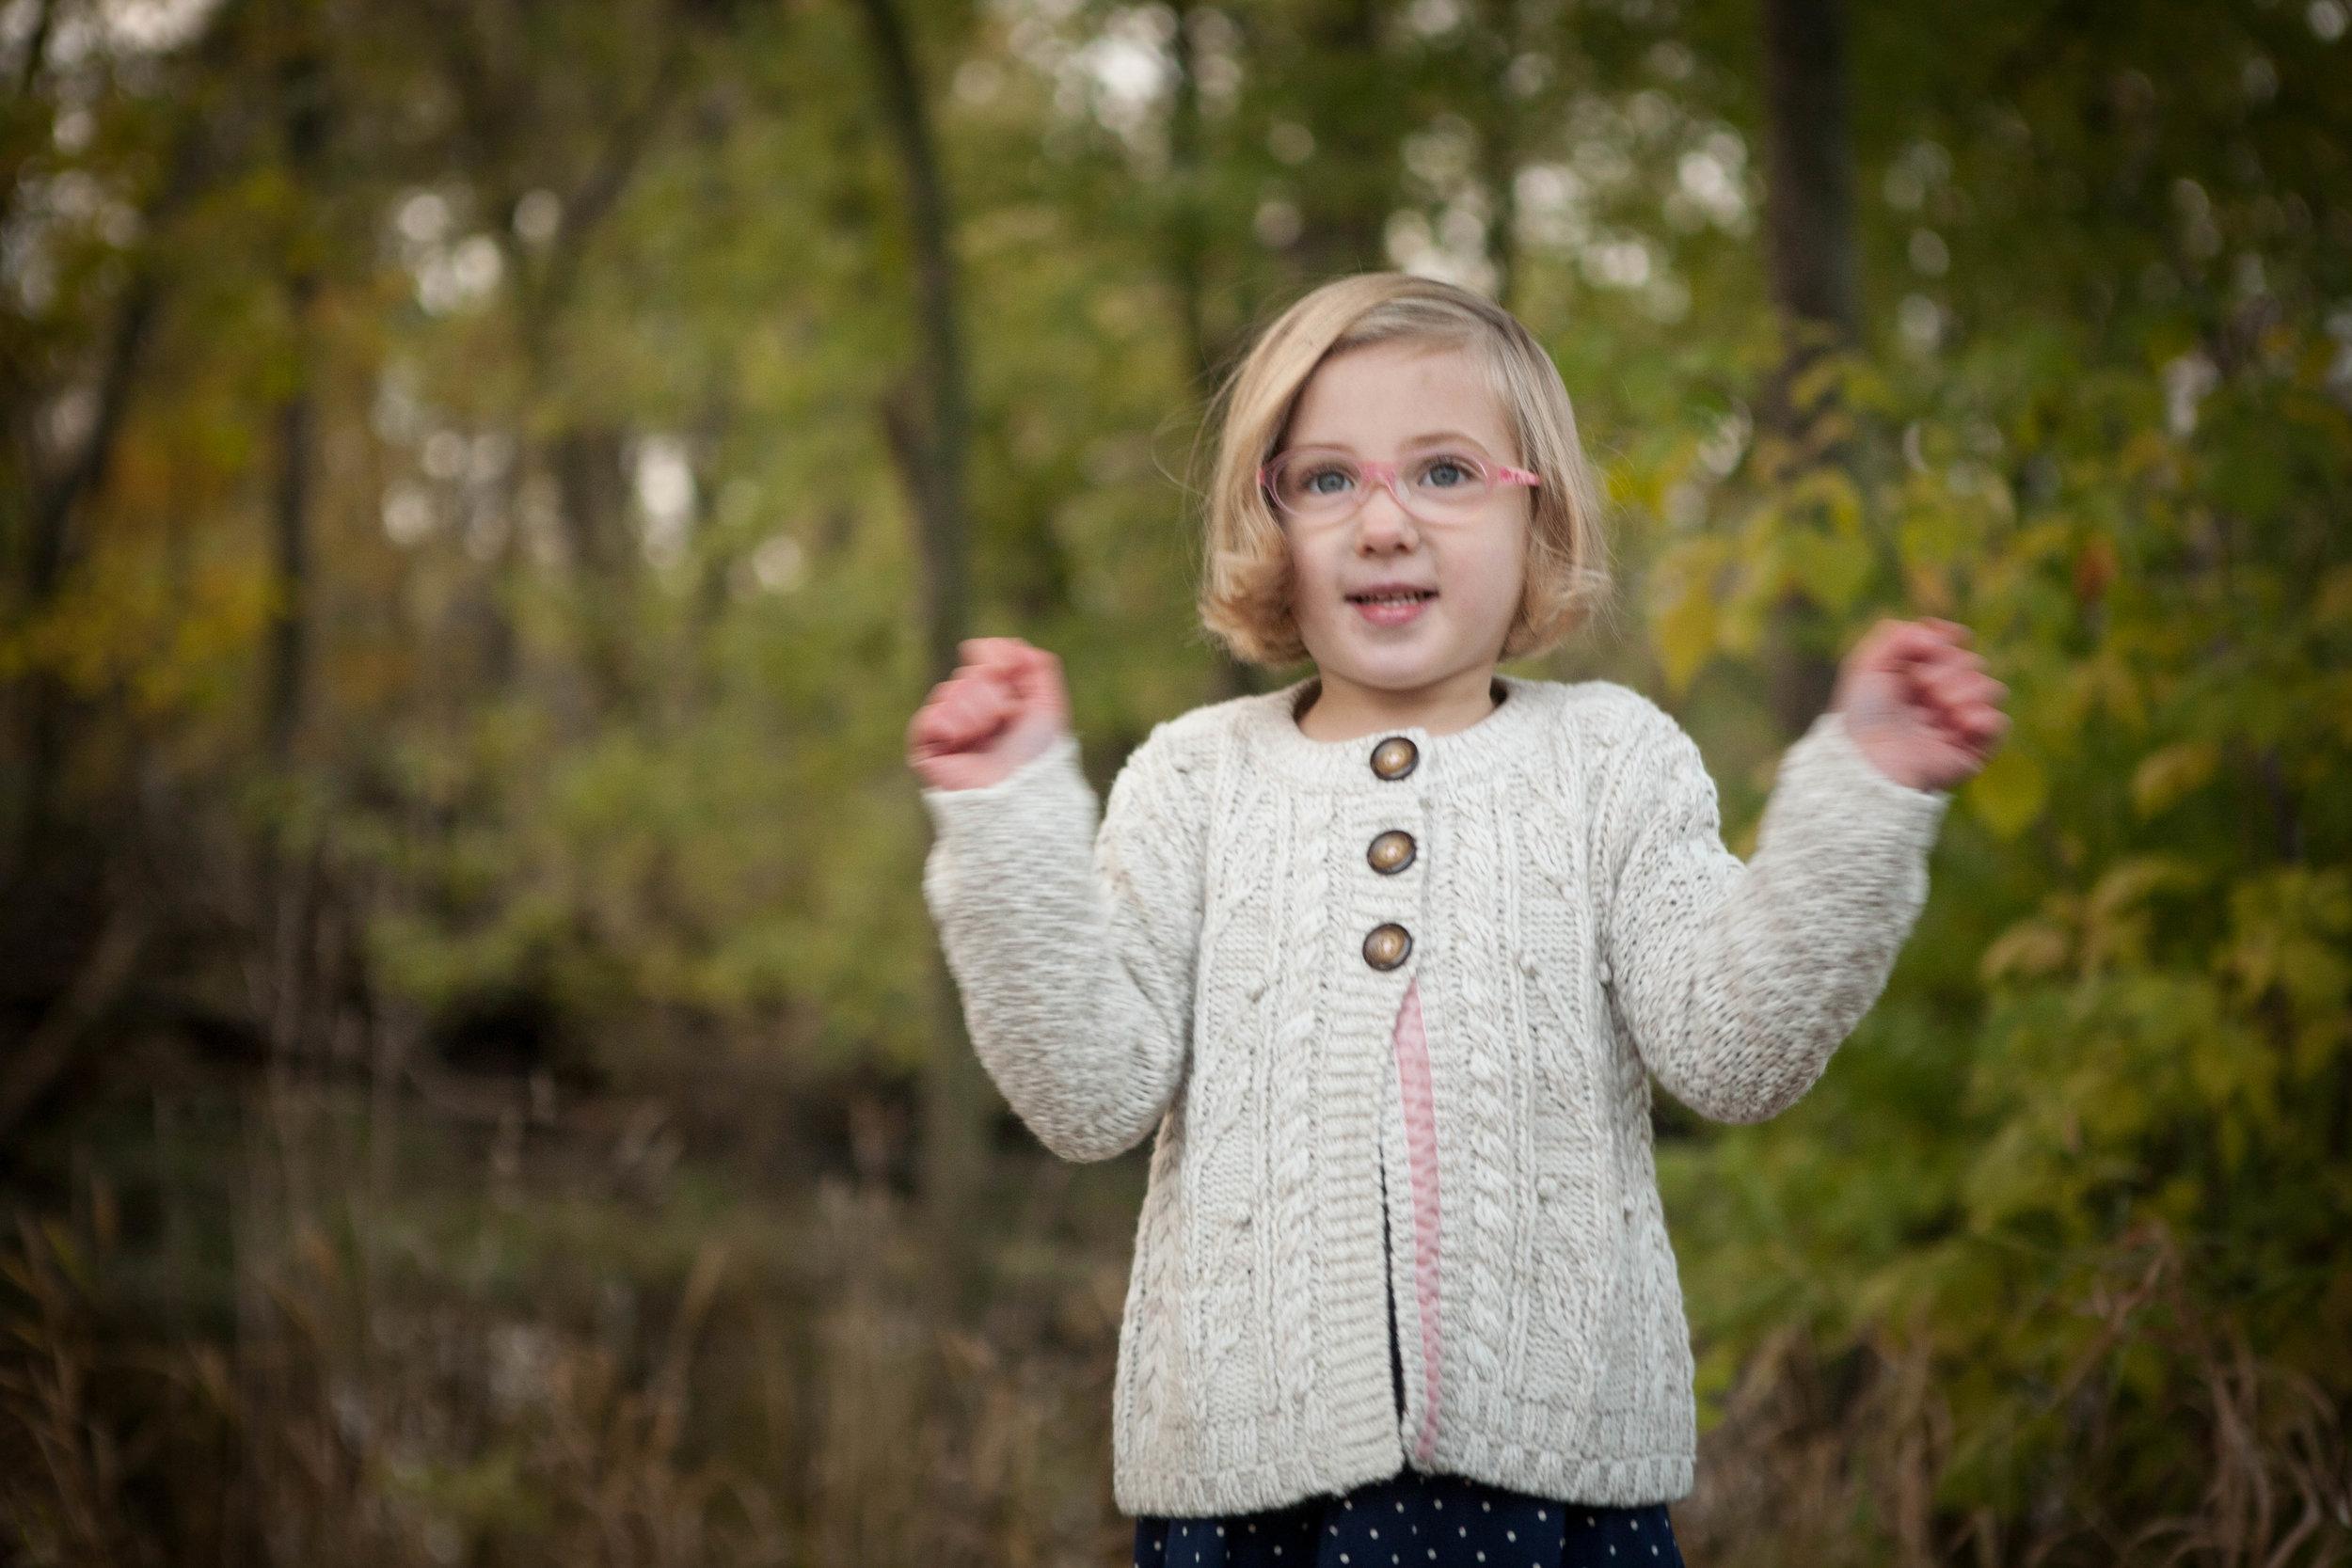 north chicago children's photographer